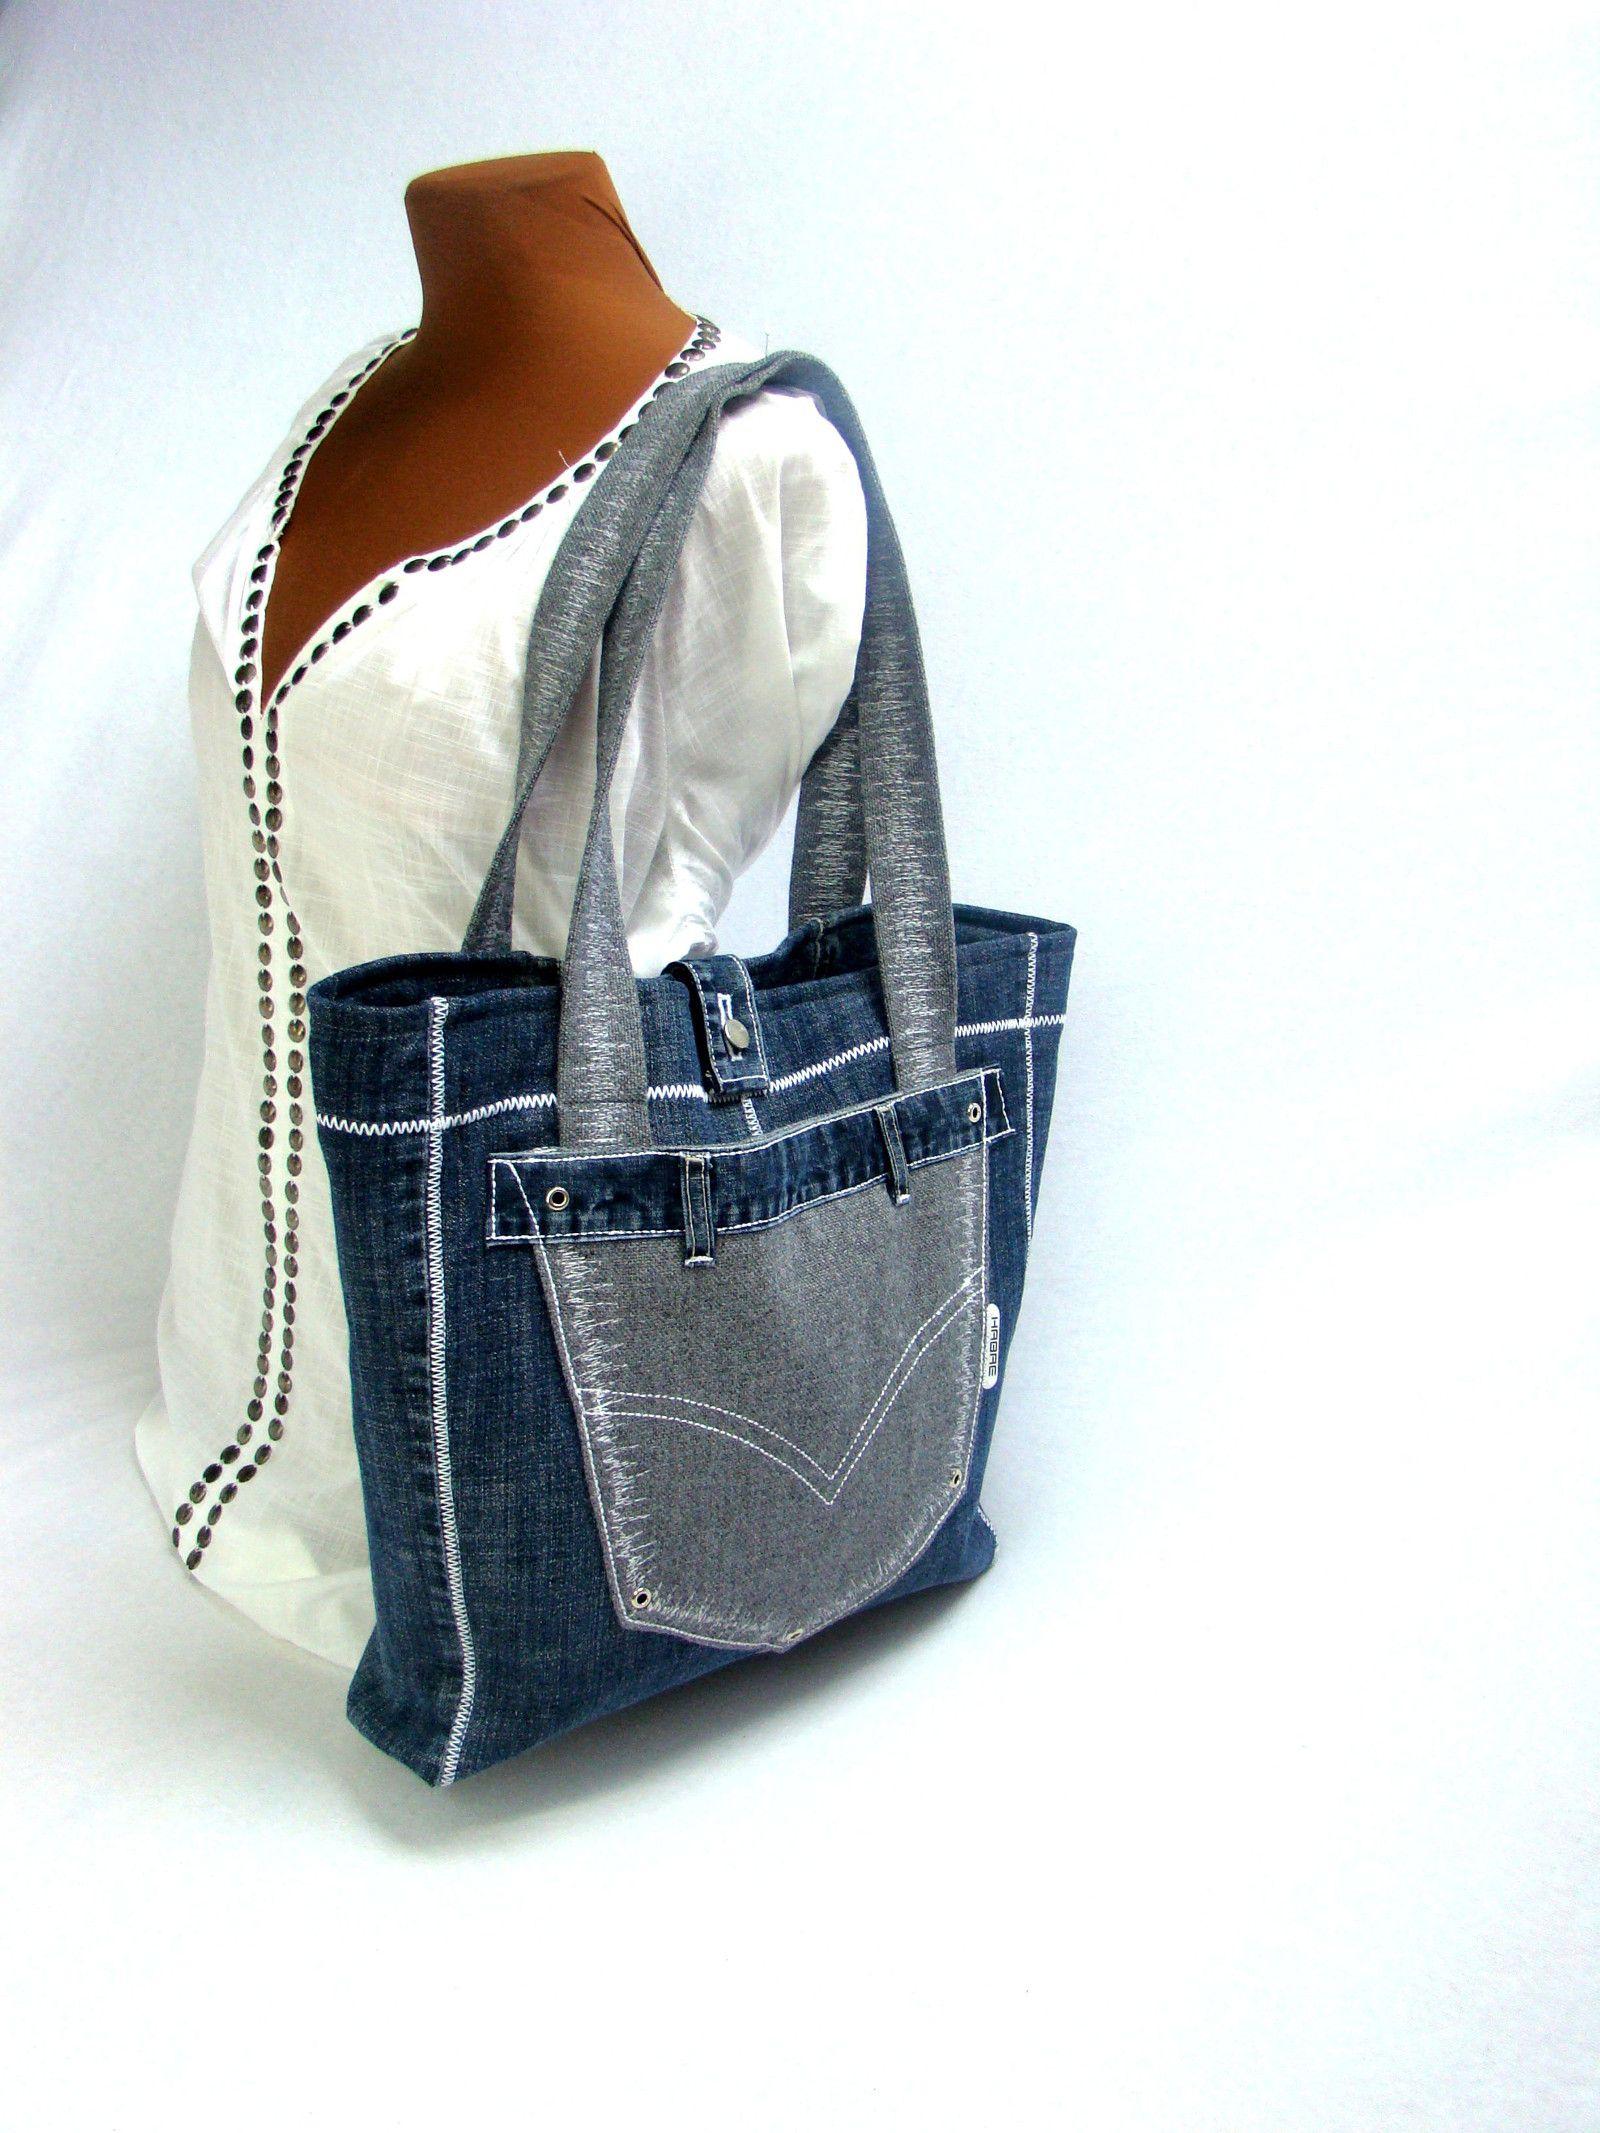 8fc41eef62 Hedvika+Objemná+taška+je+vyrobena+z+džínoviny+a+silně+tkané+směsové+ ...